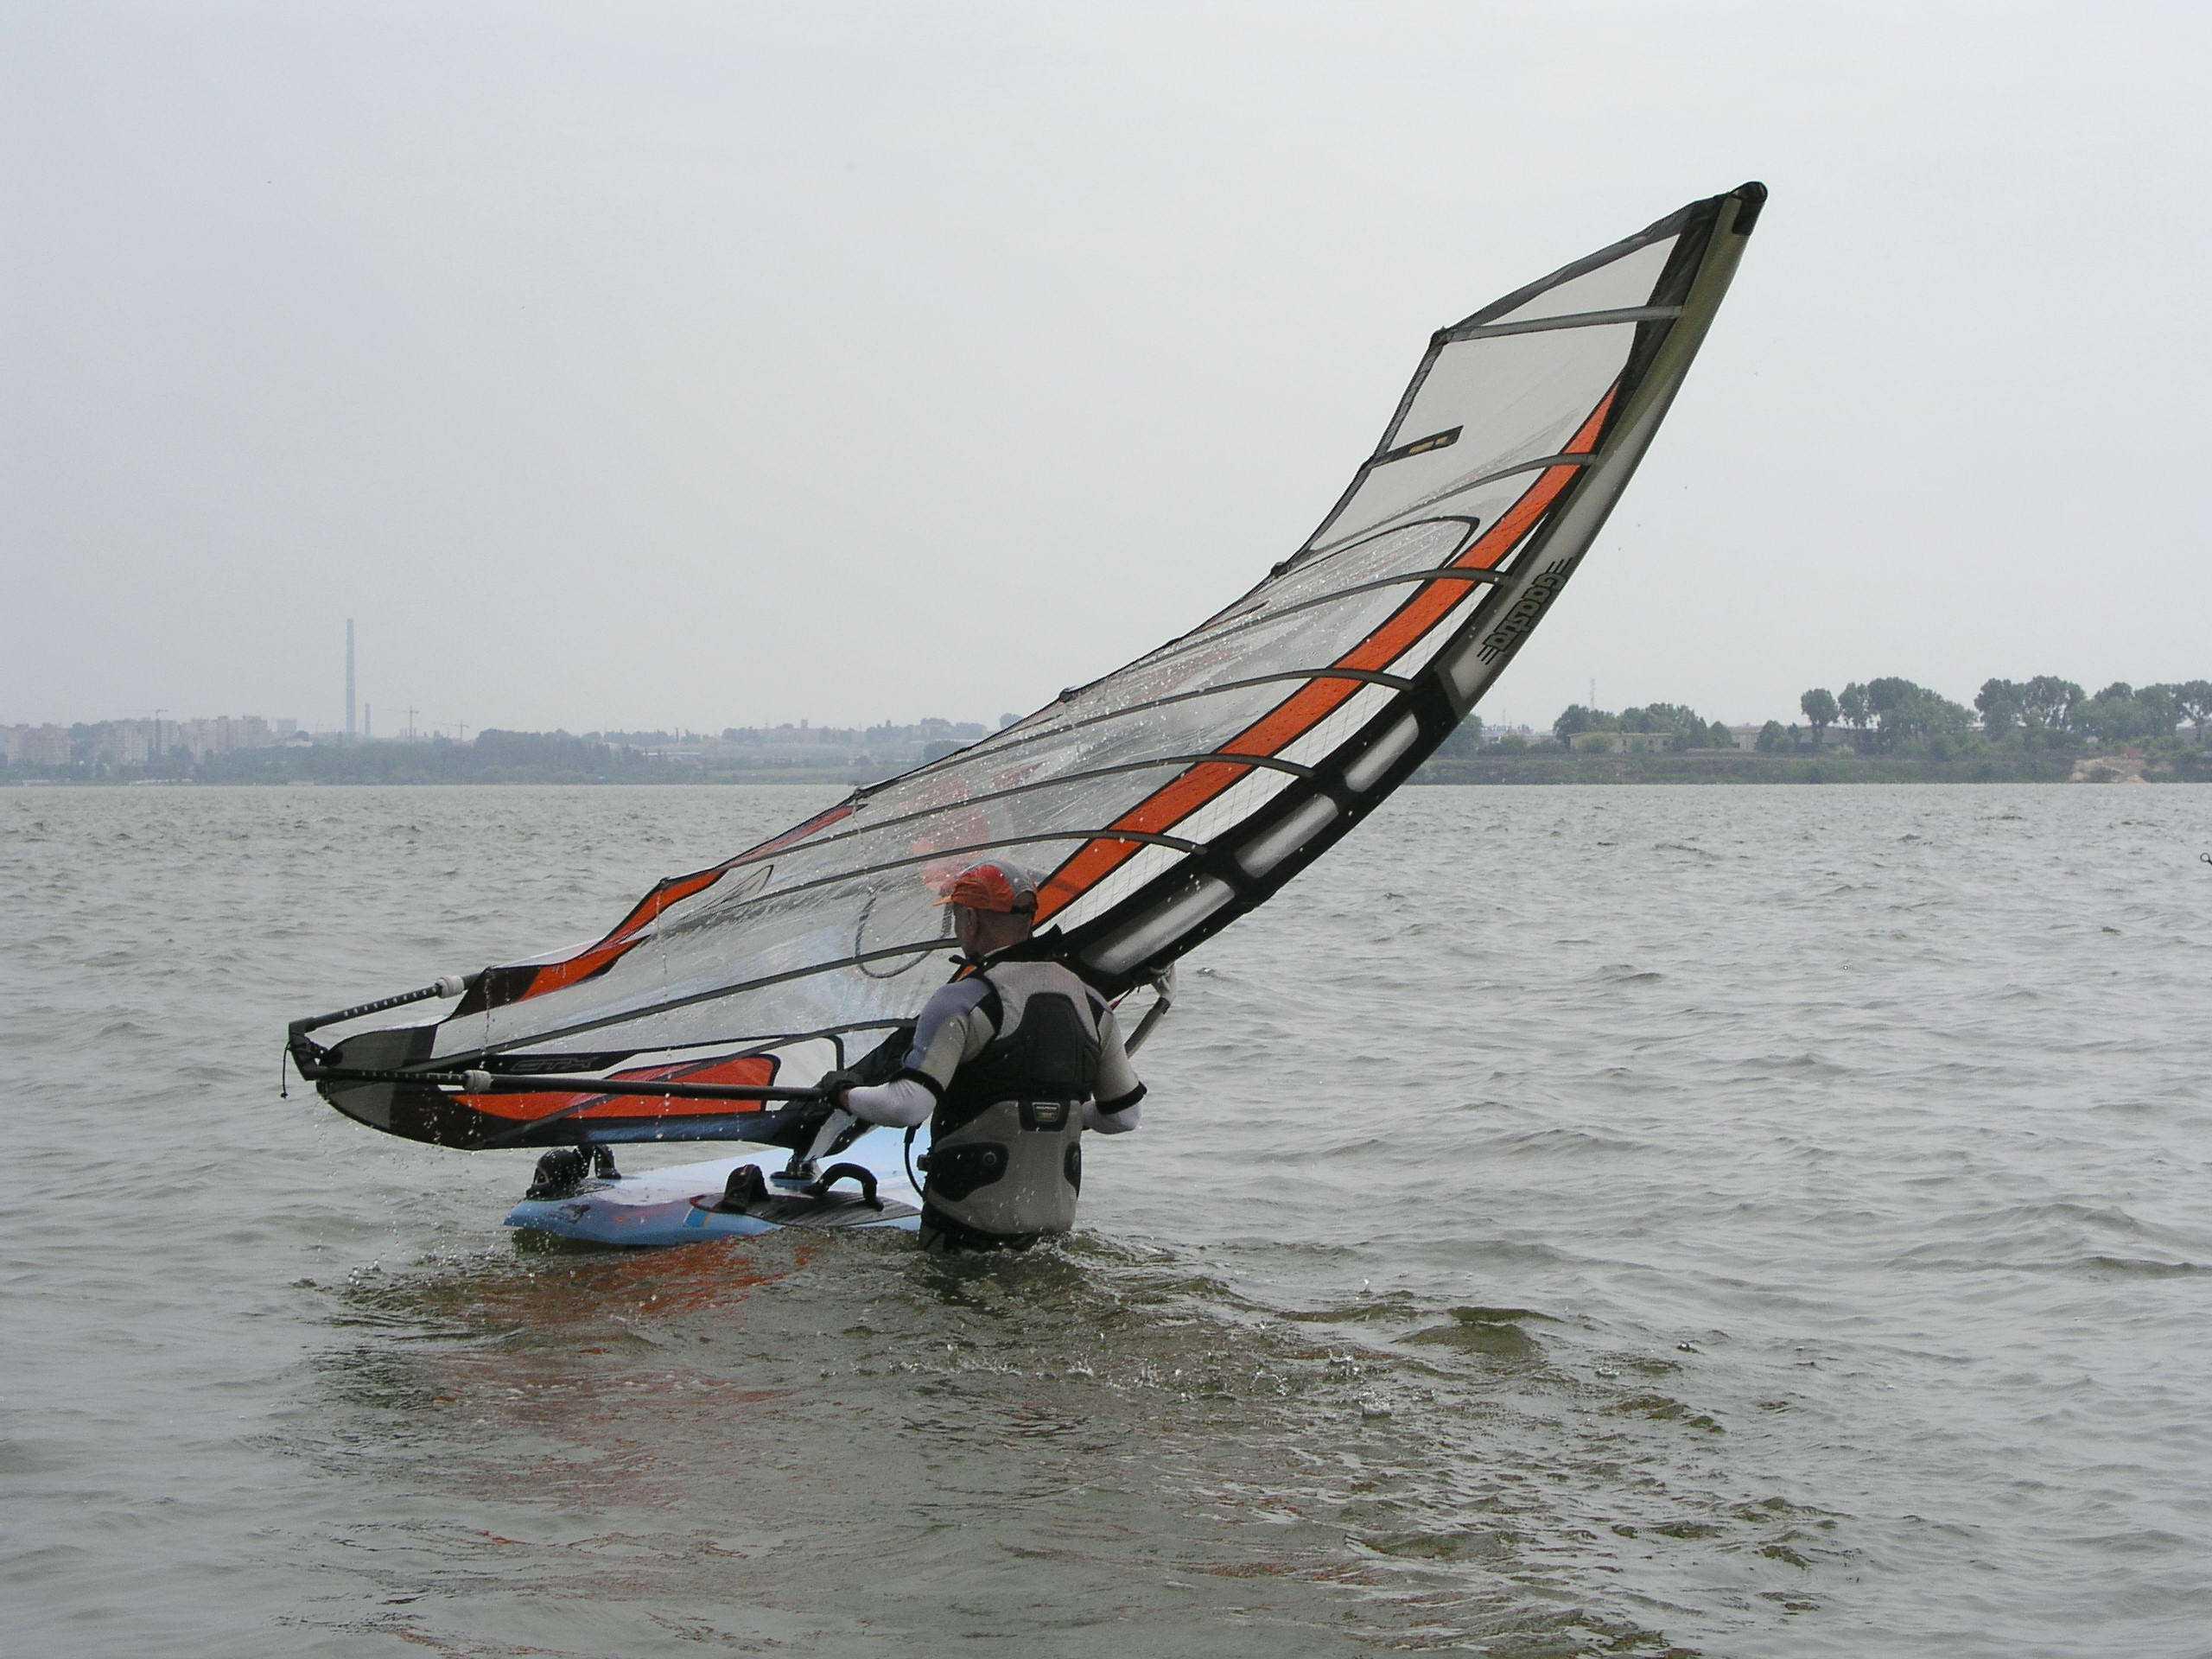 windsurfing       7